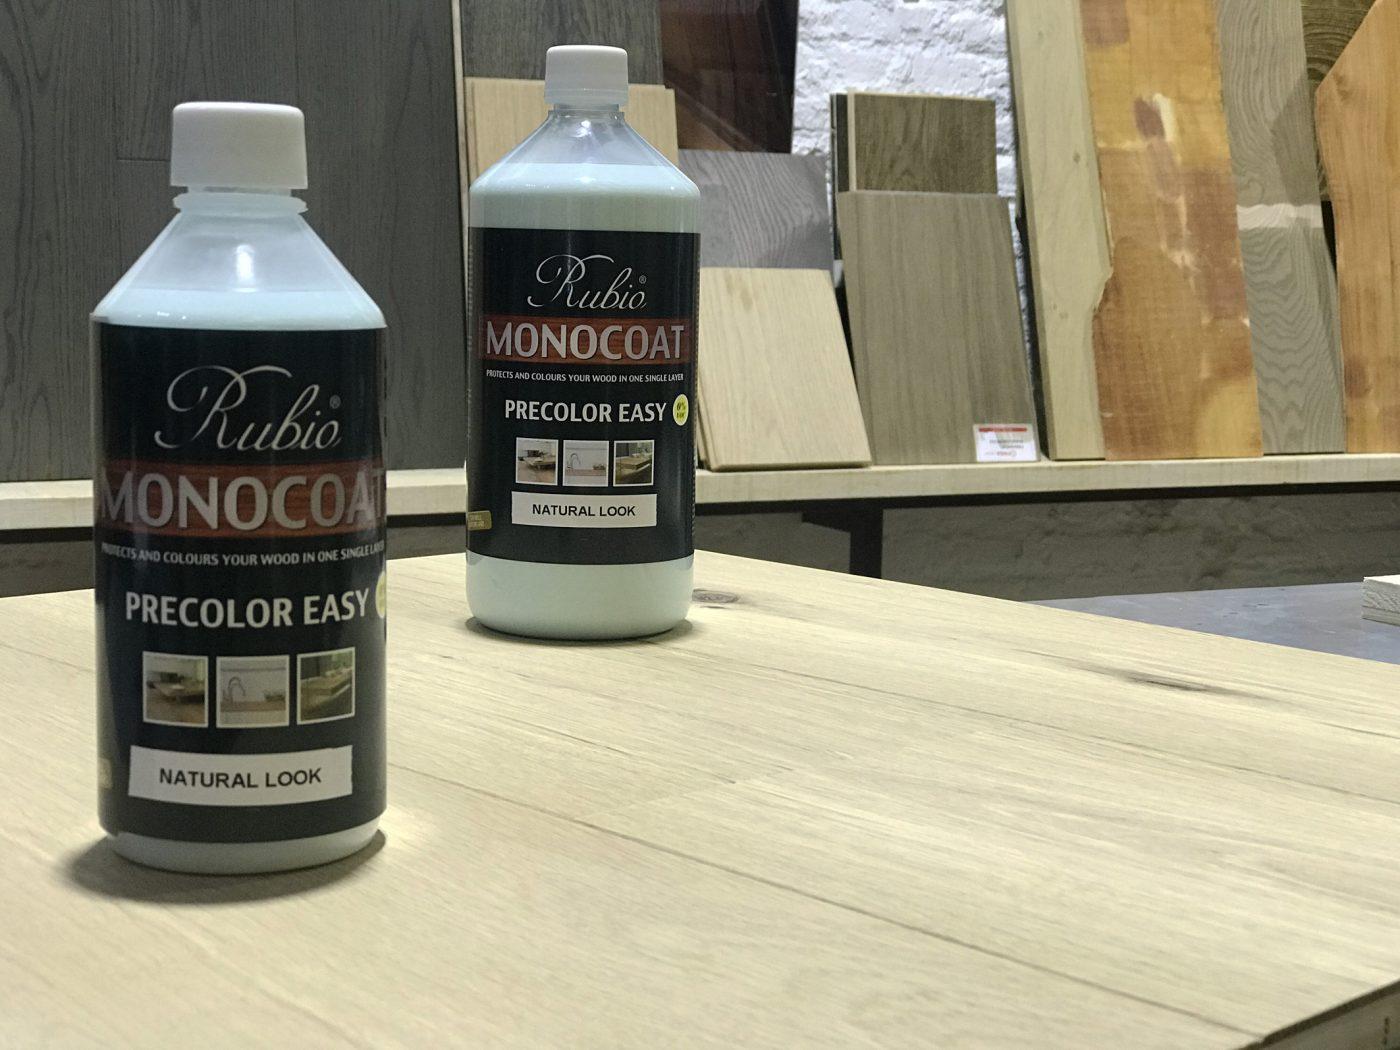 Nuevo precolor NATURAL LOOK® de RUBIO MONOCOAT